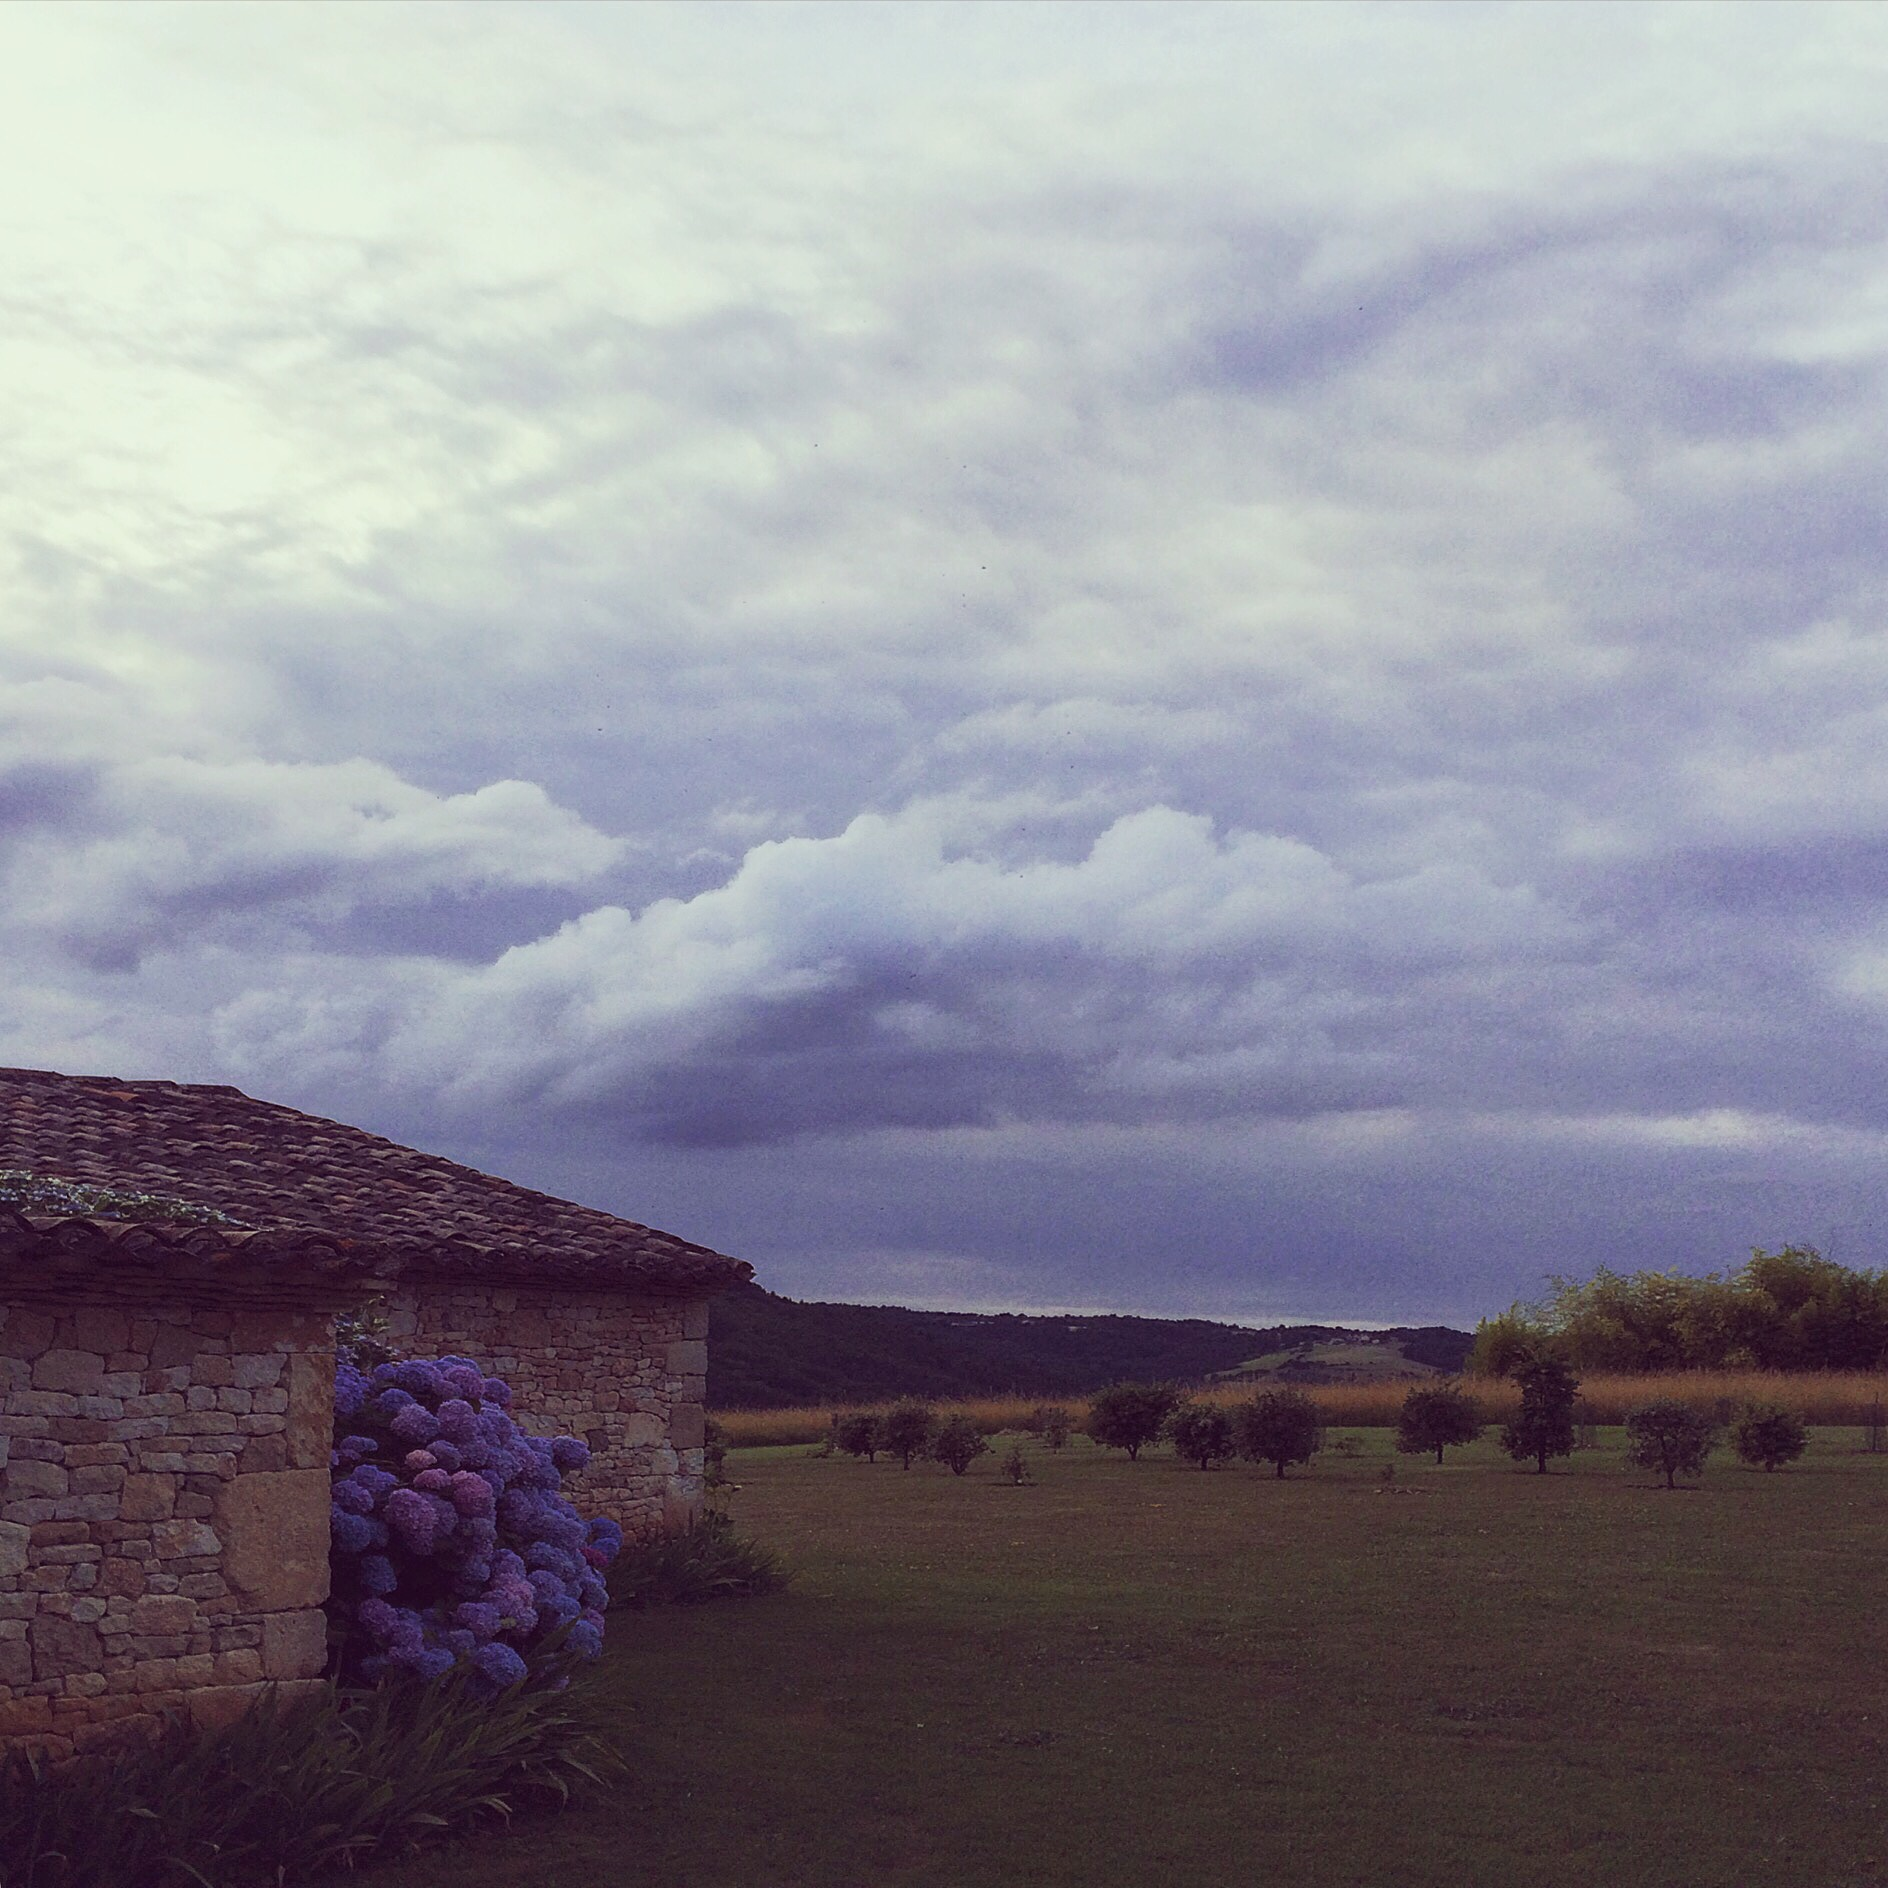 Dusk over the farmhouse / Fleurac, France